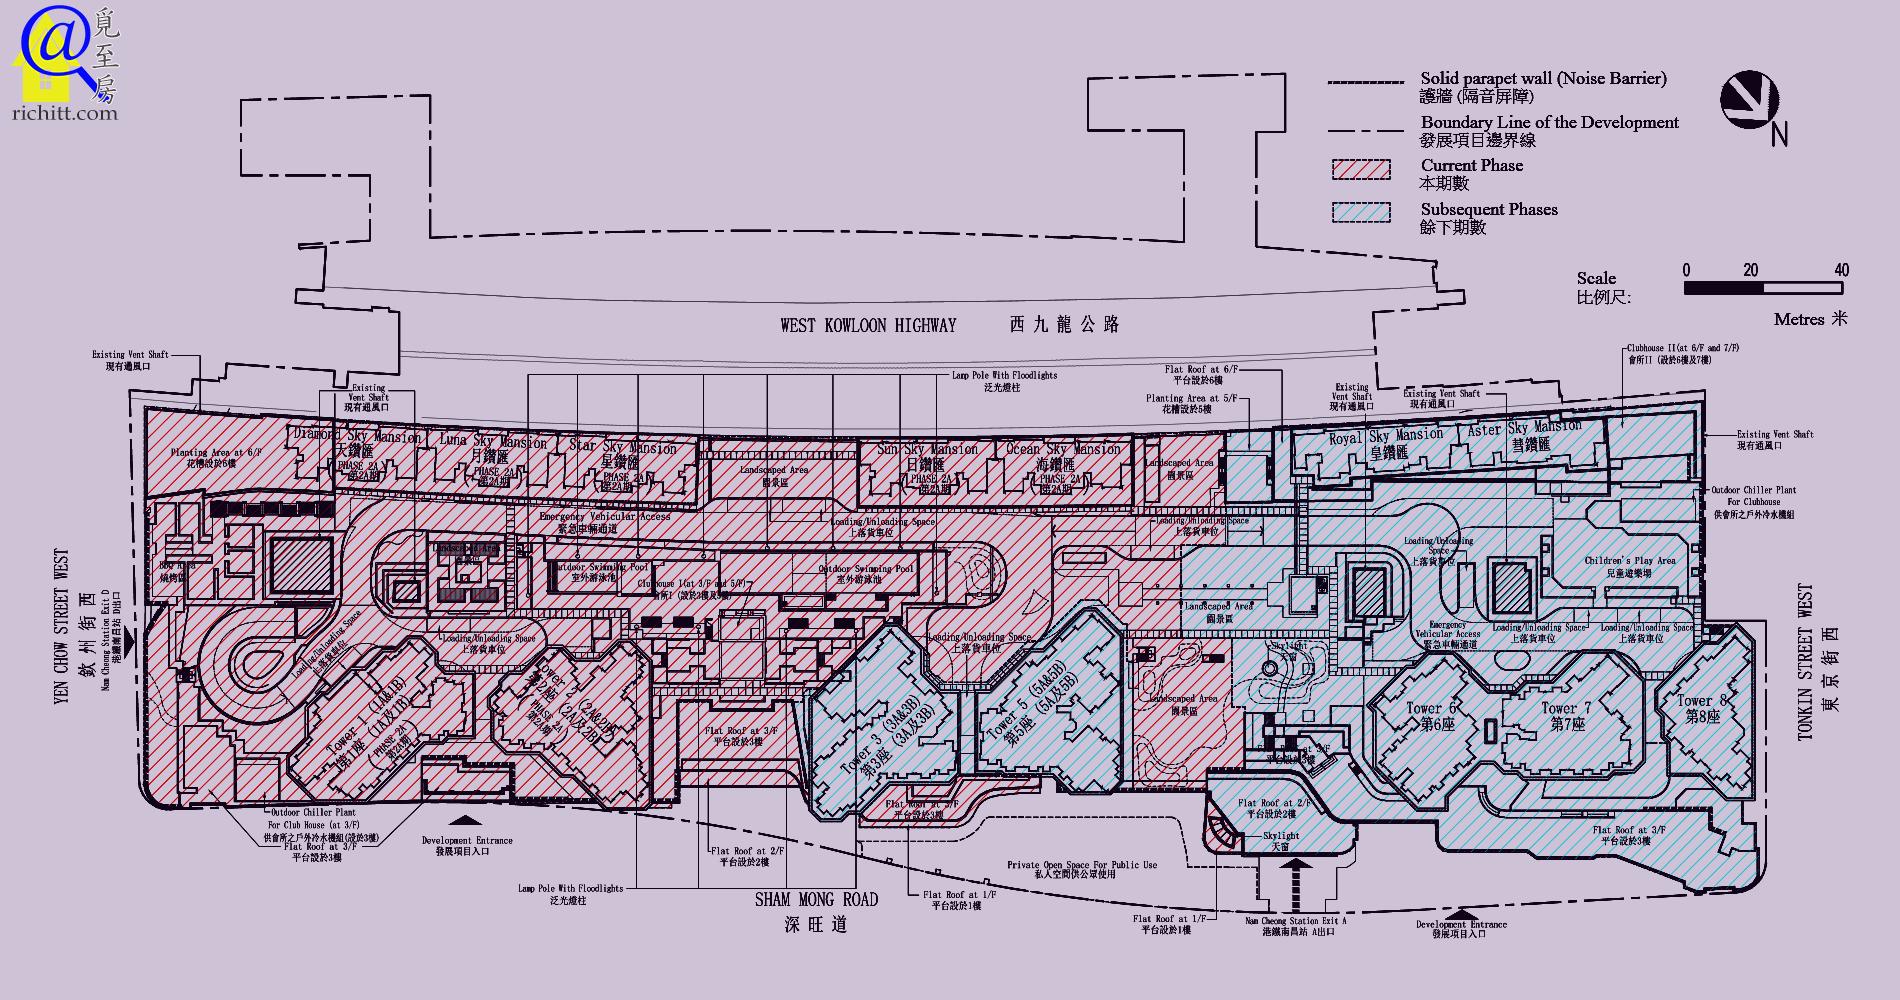 匯璽發展項目佈局圖